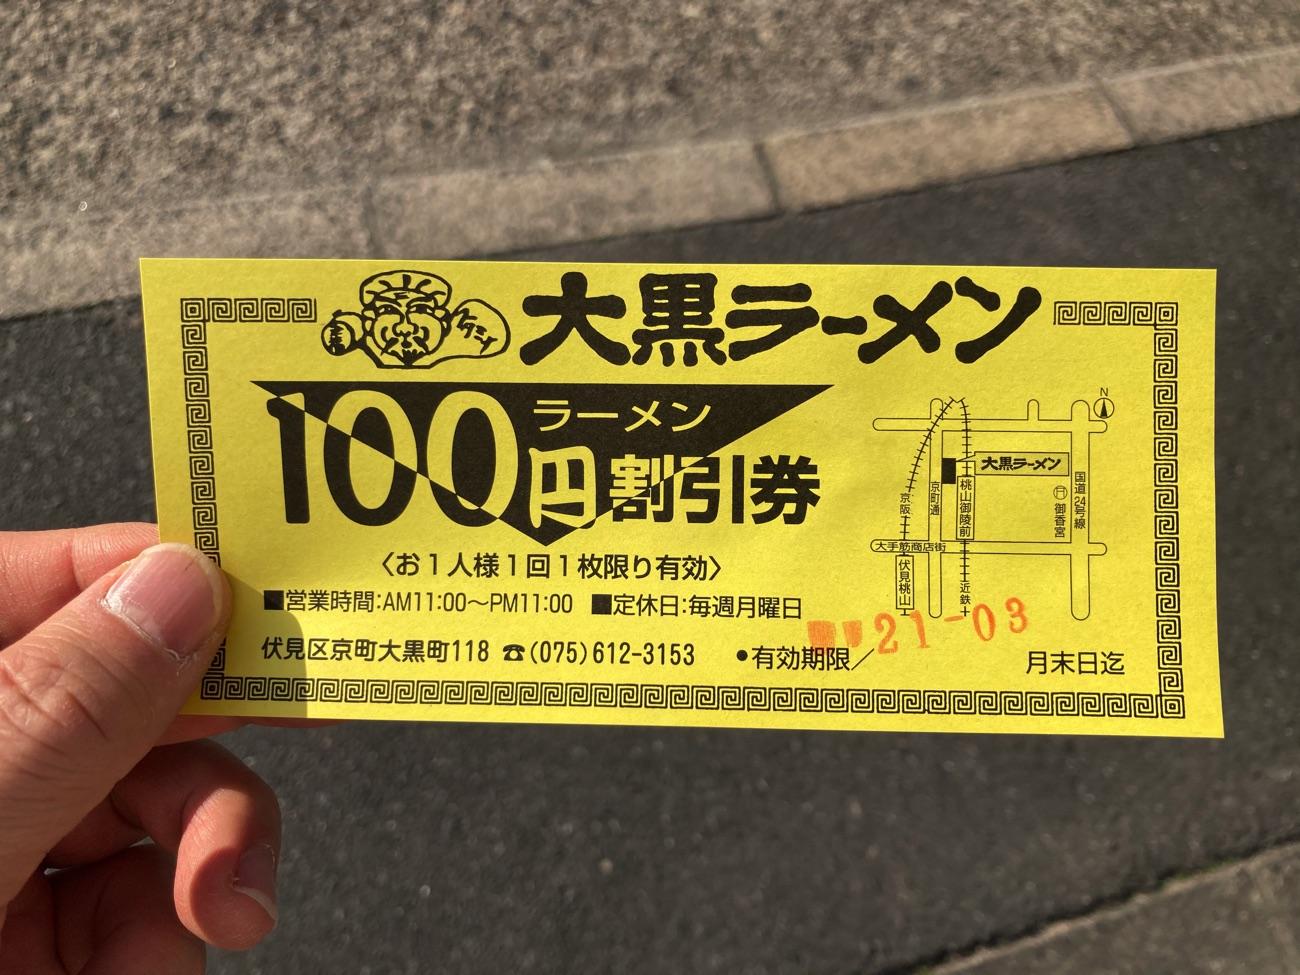 ラーメン100円割引券